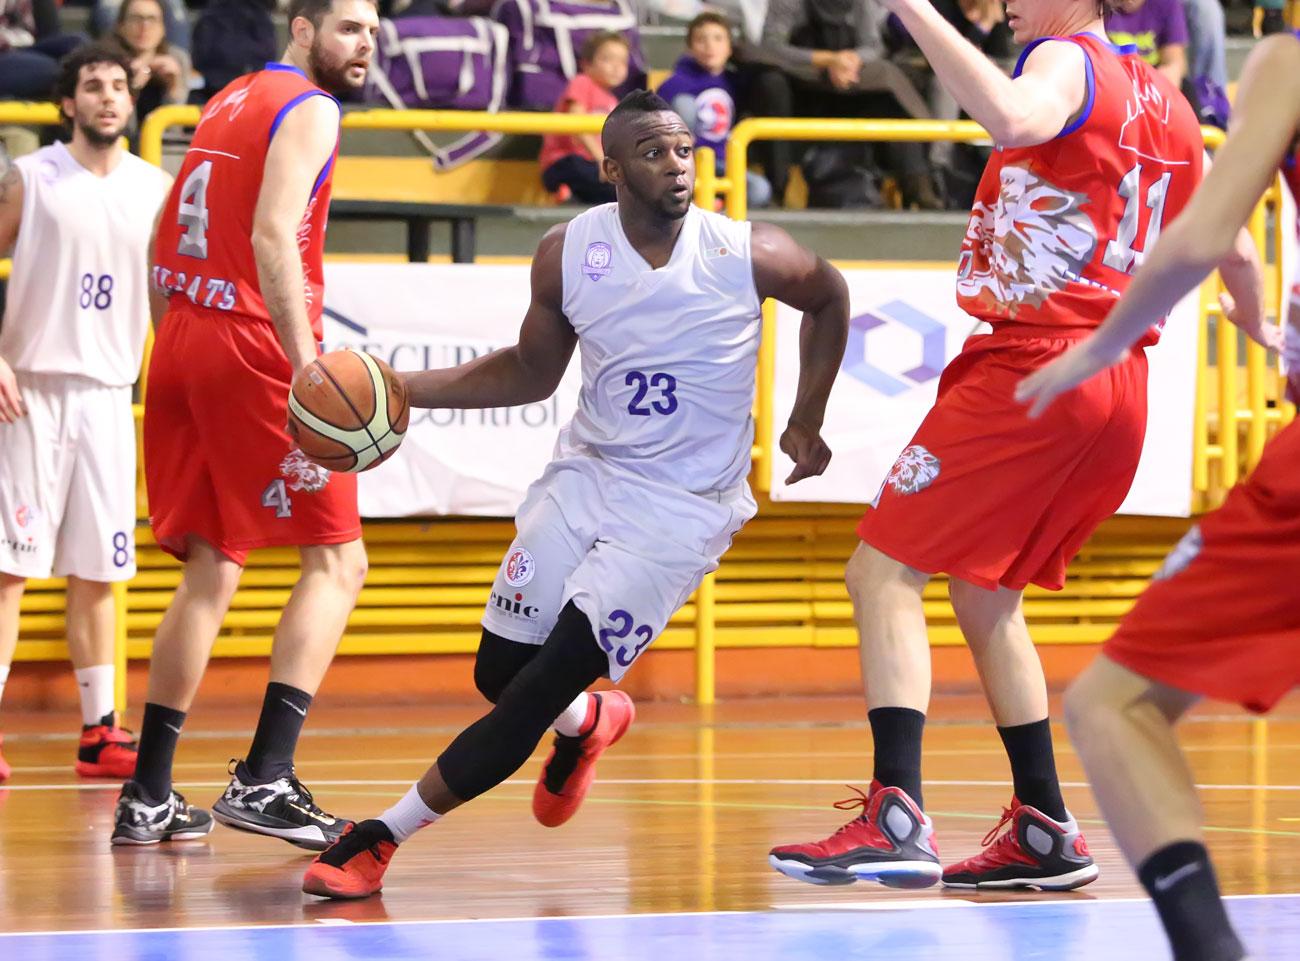 03toure_fiorentina_urania_basket2016